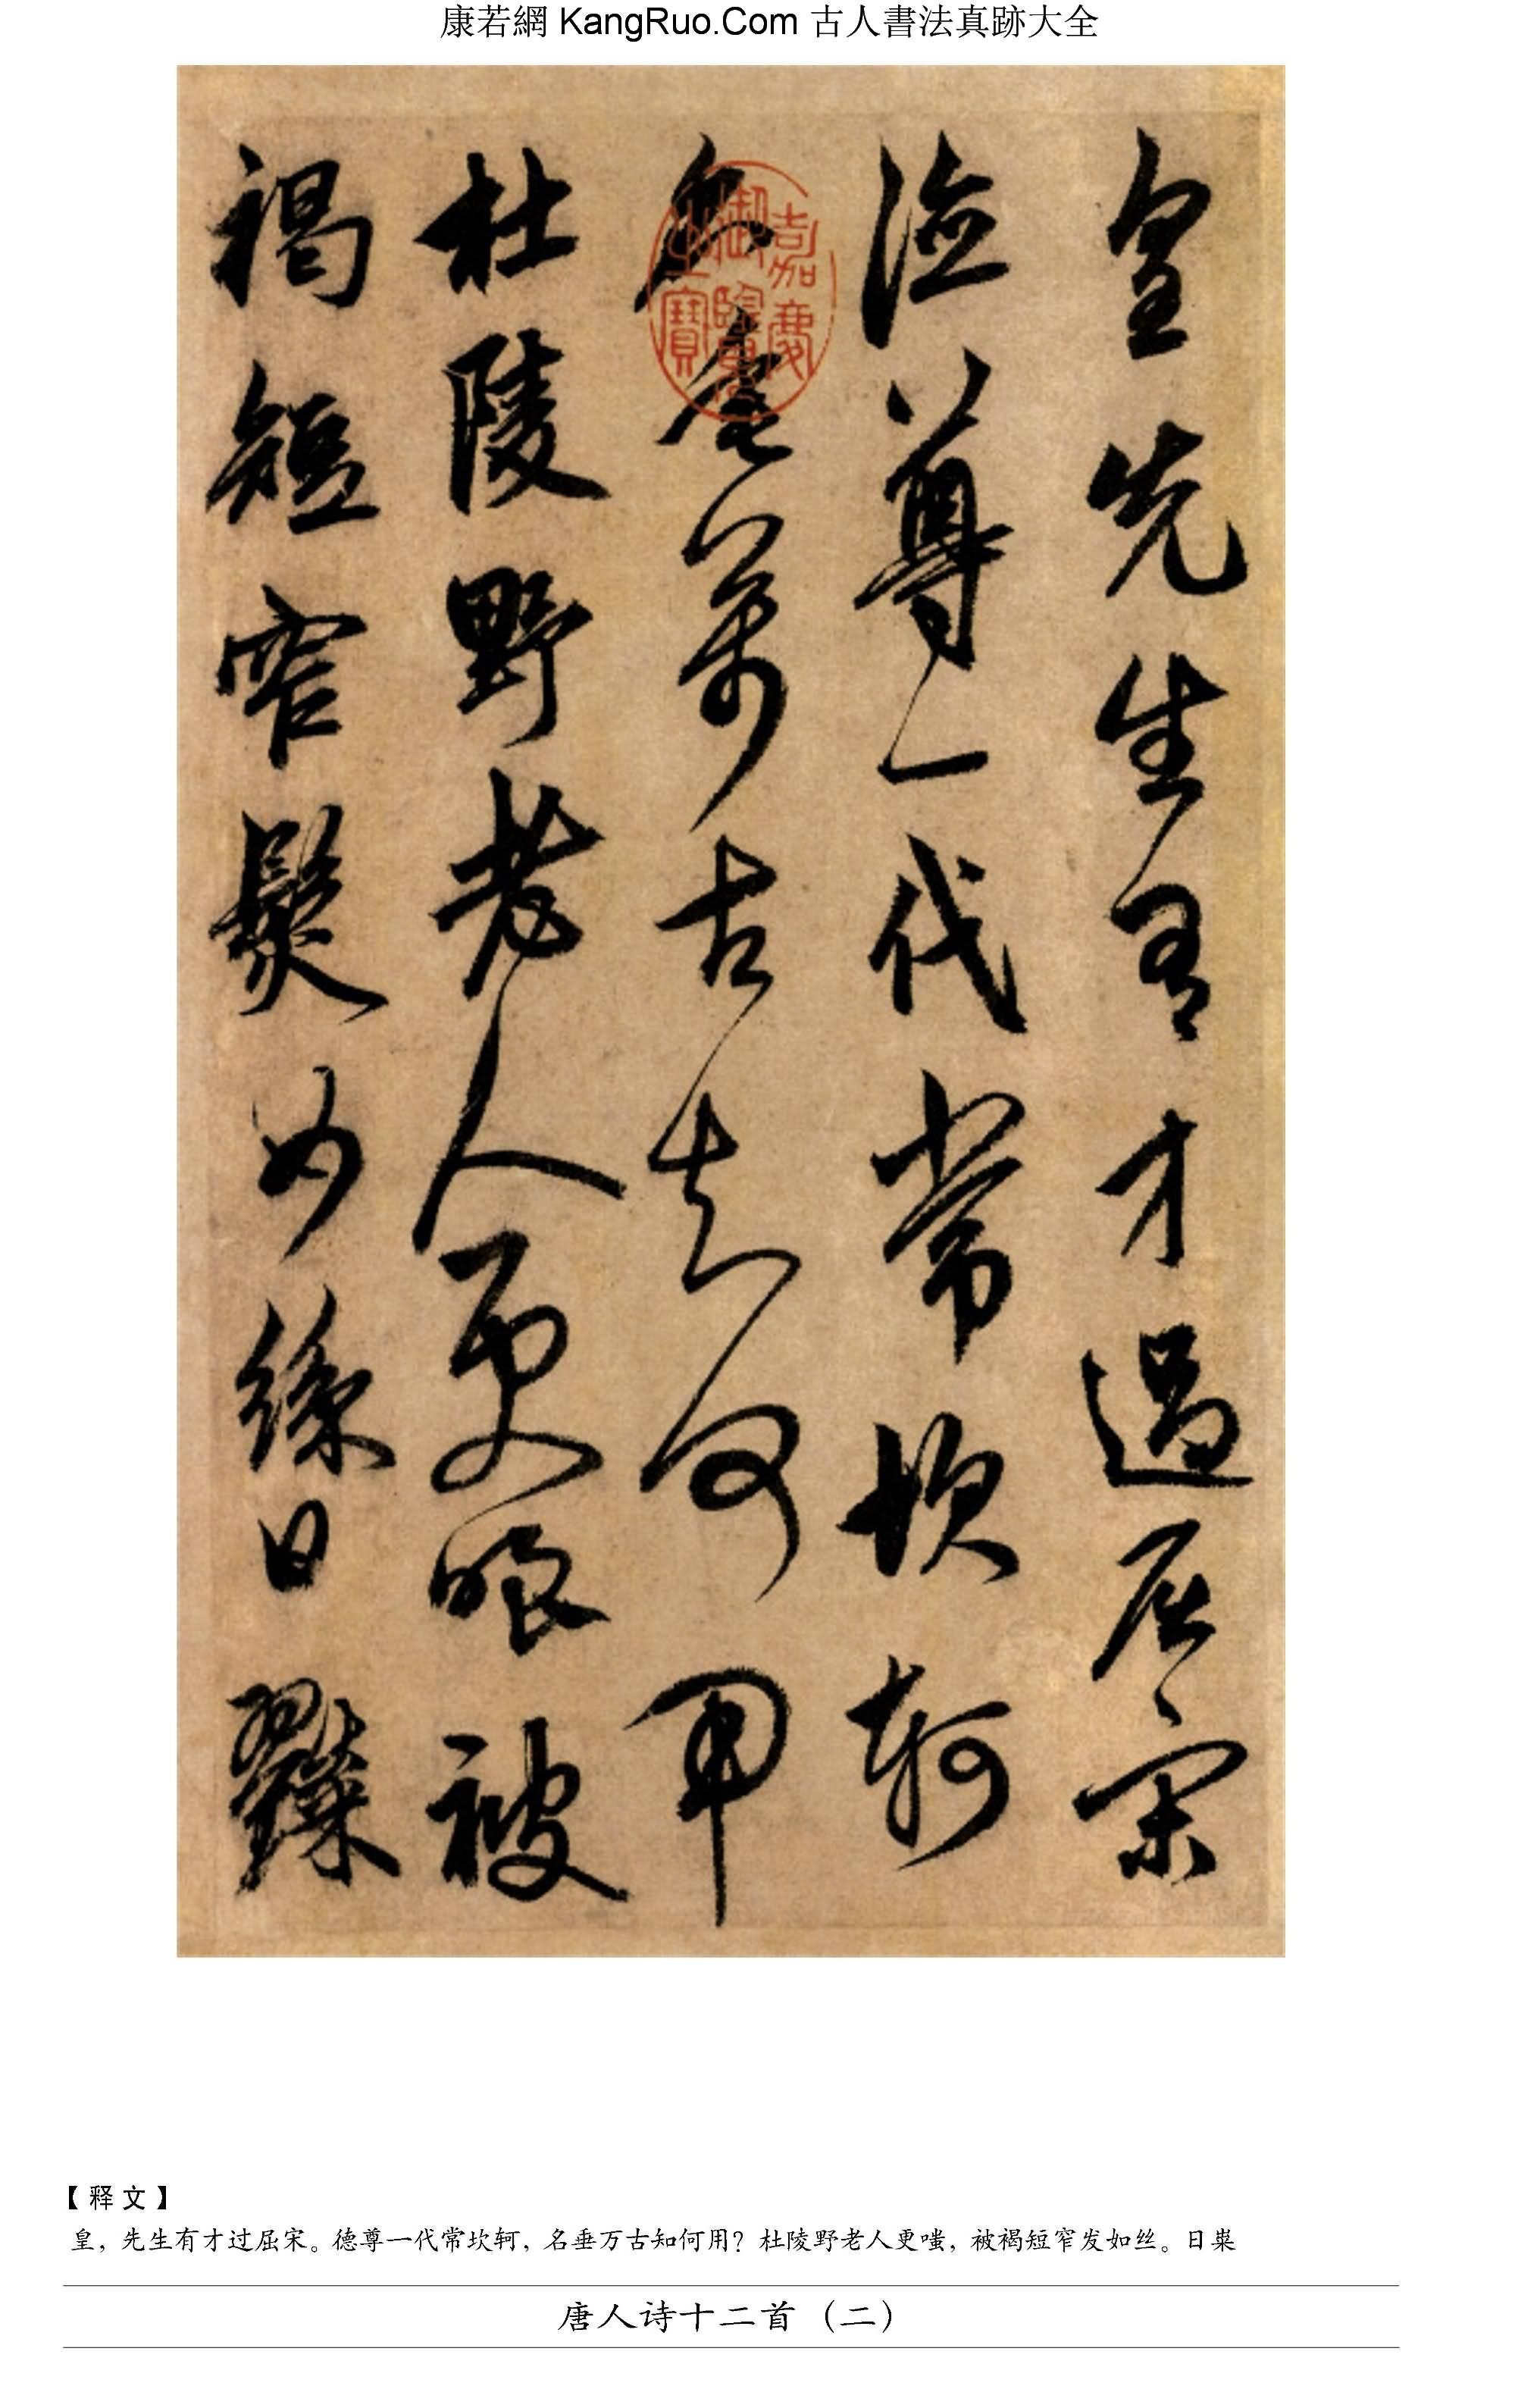 《唐人詩十二首》書法真跡(行草)【元朝·鮮于樞】_00247